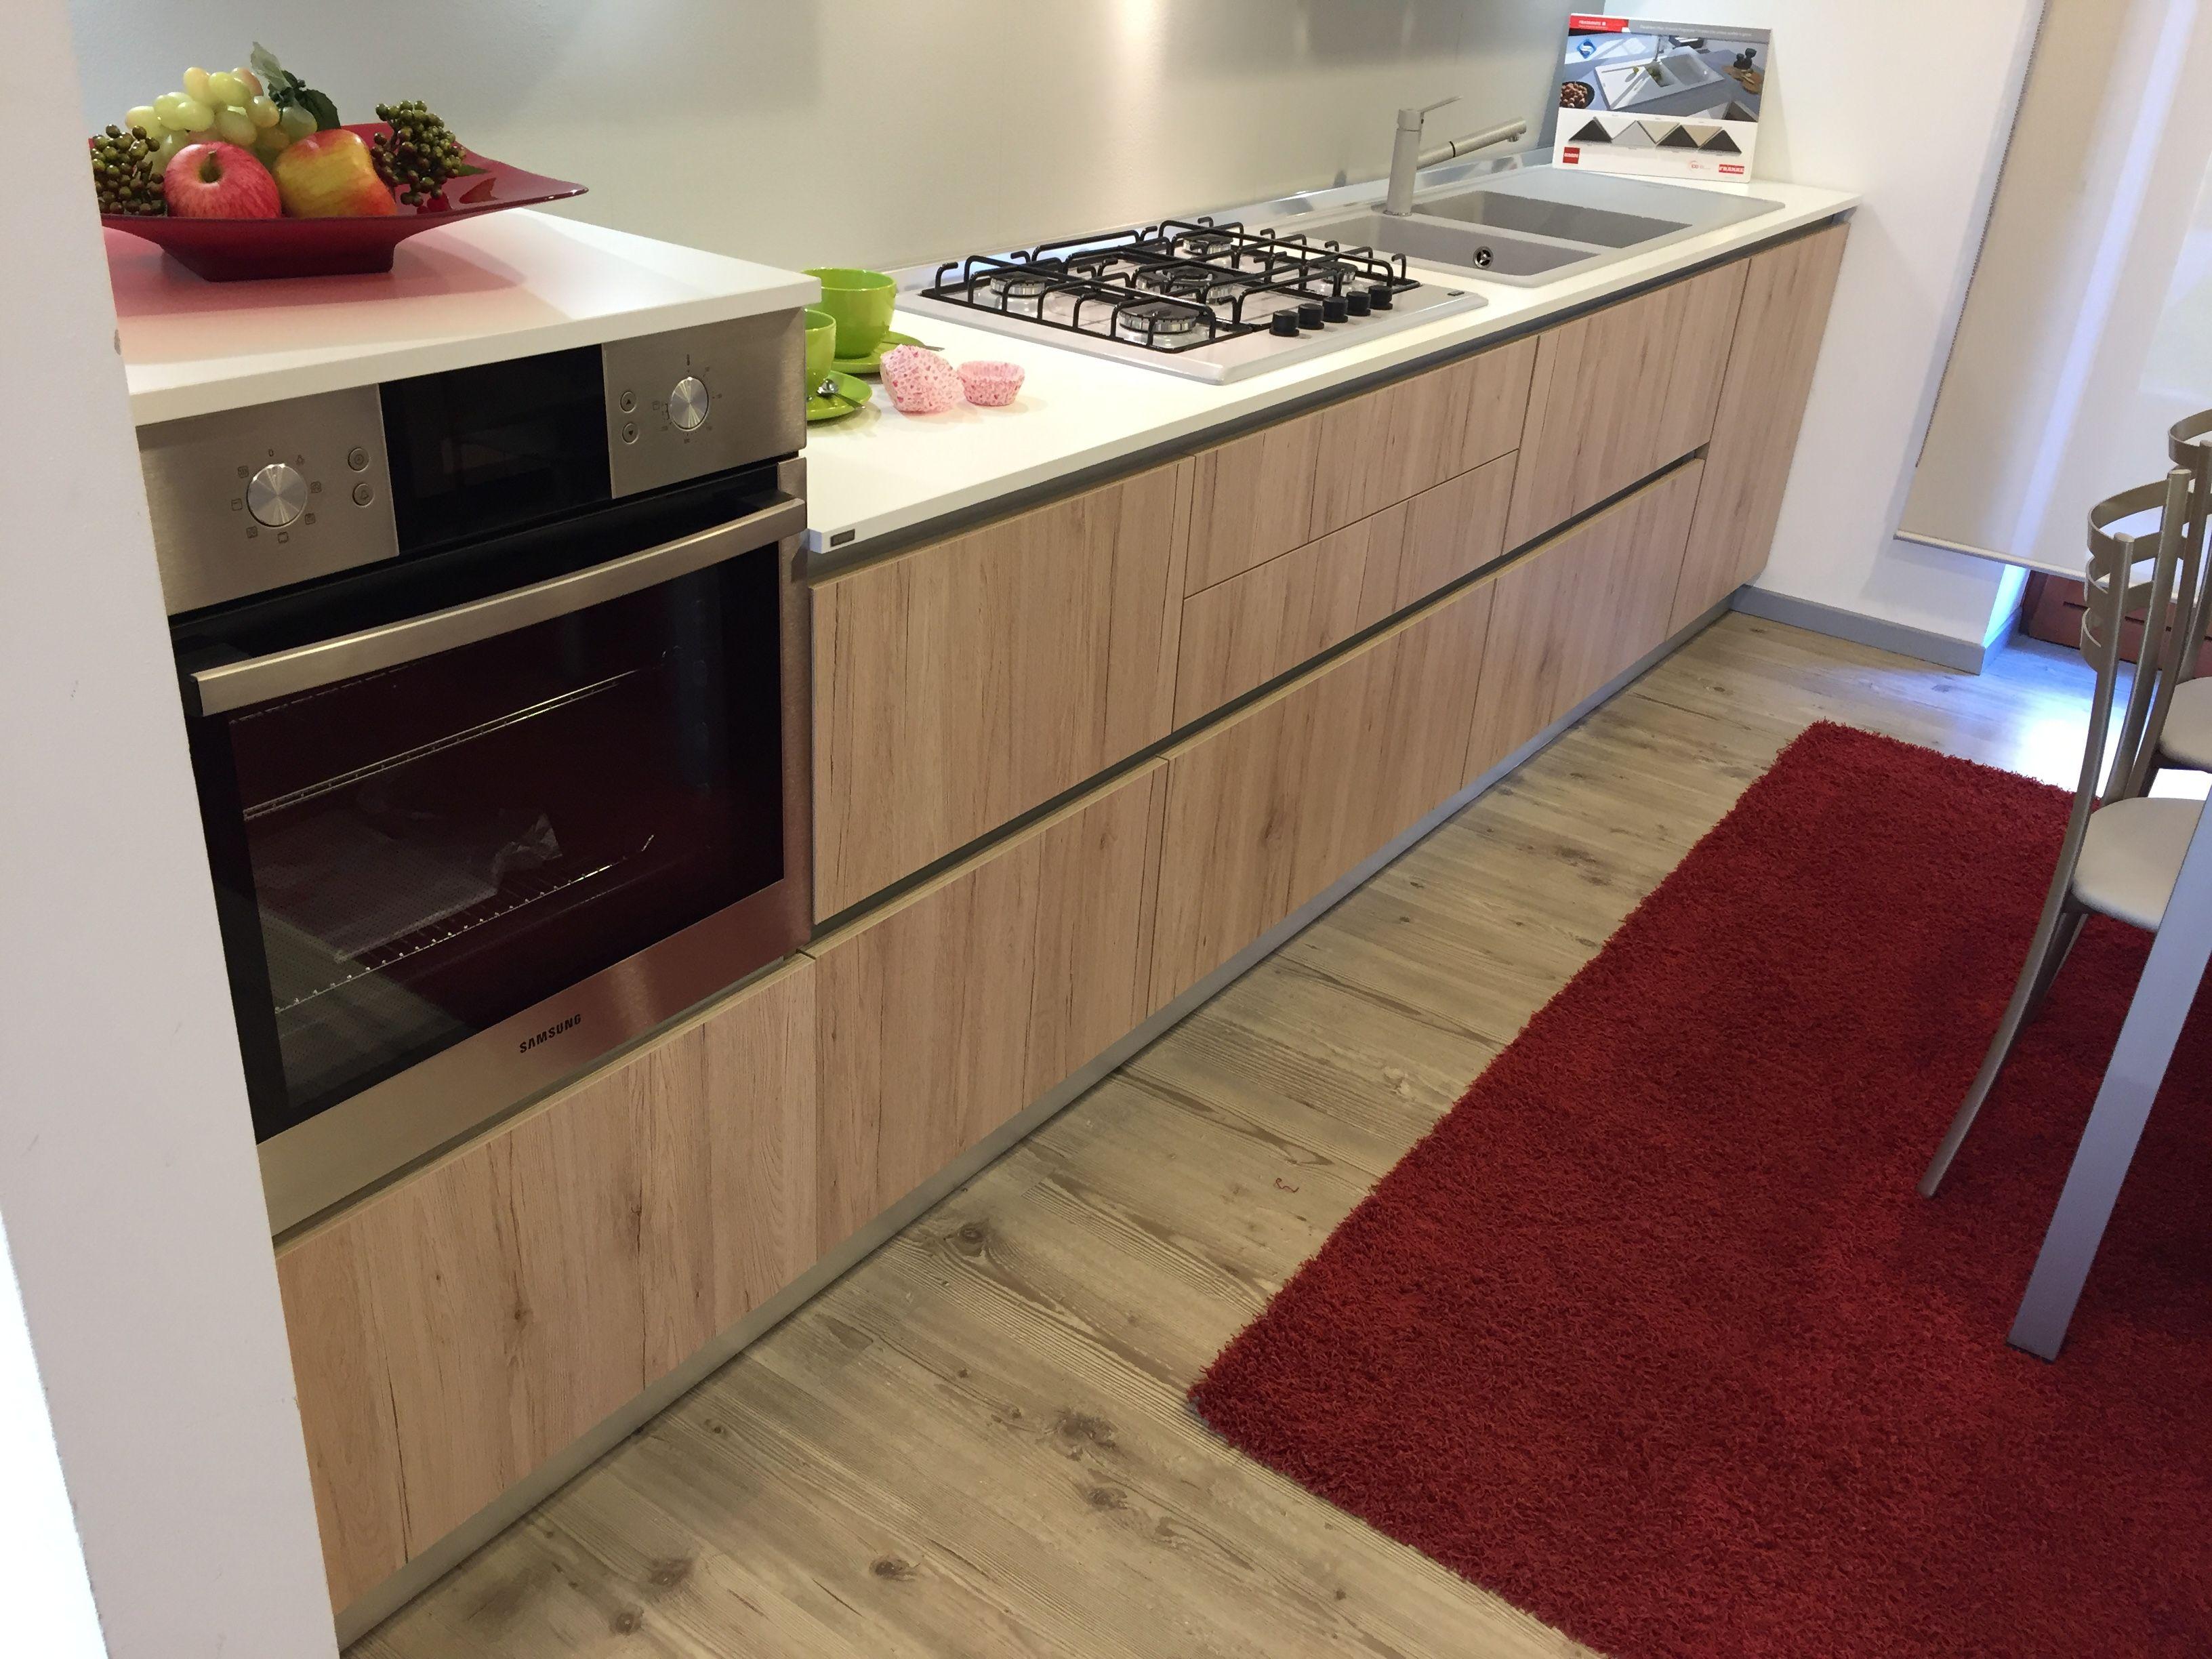 Colori laminato cucina scavolini modello liberamente basi - Top cucina scavolini colori ...